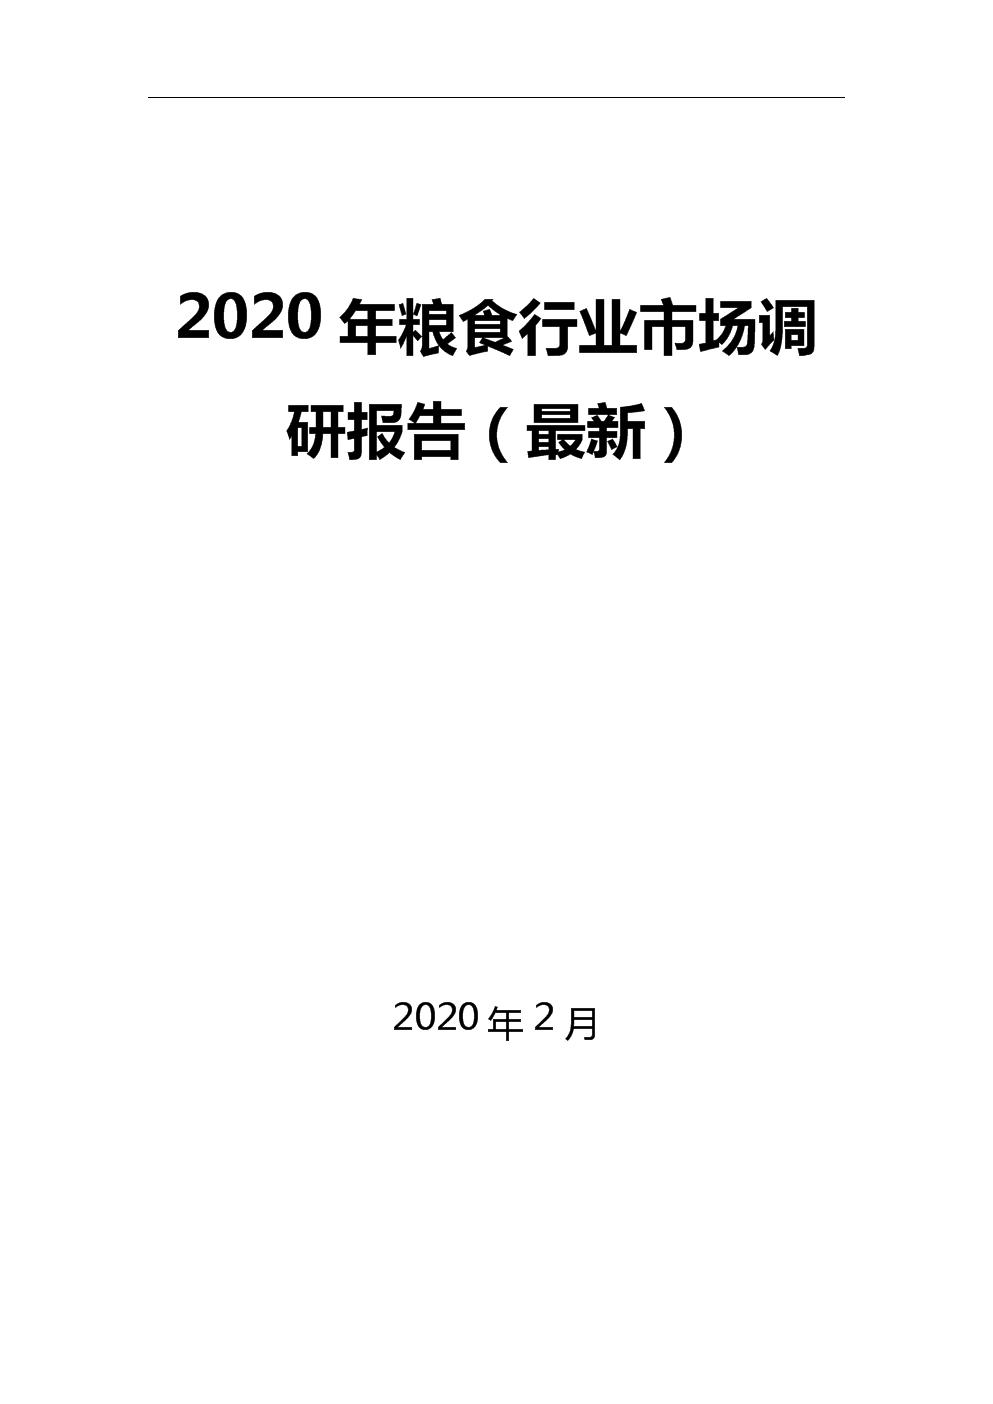 2020年粮食行业市场调研报告(最新).docx